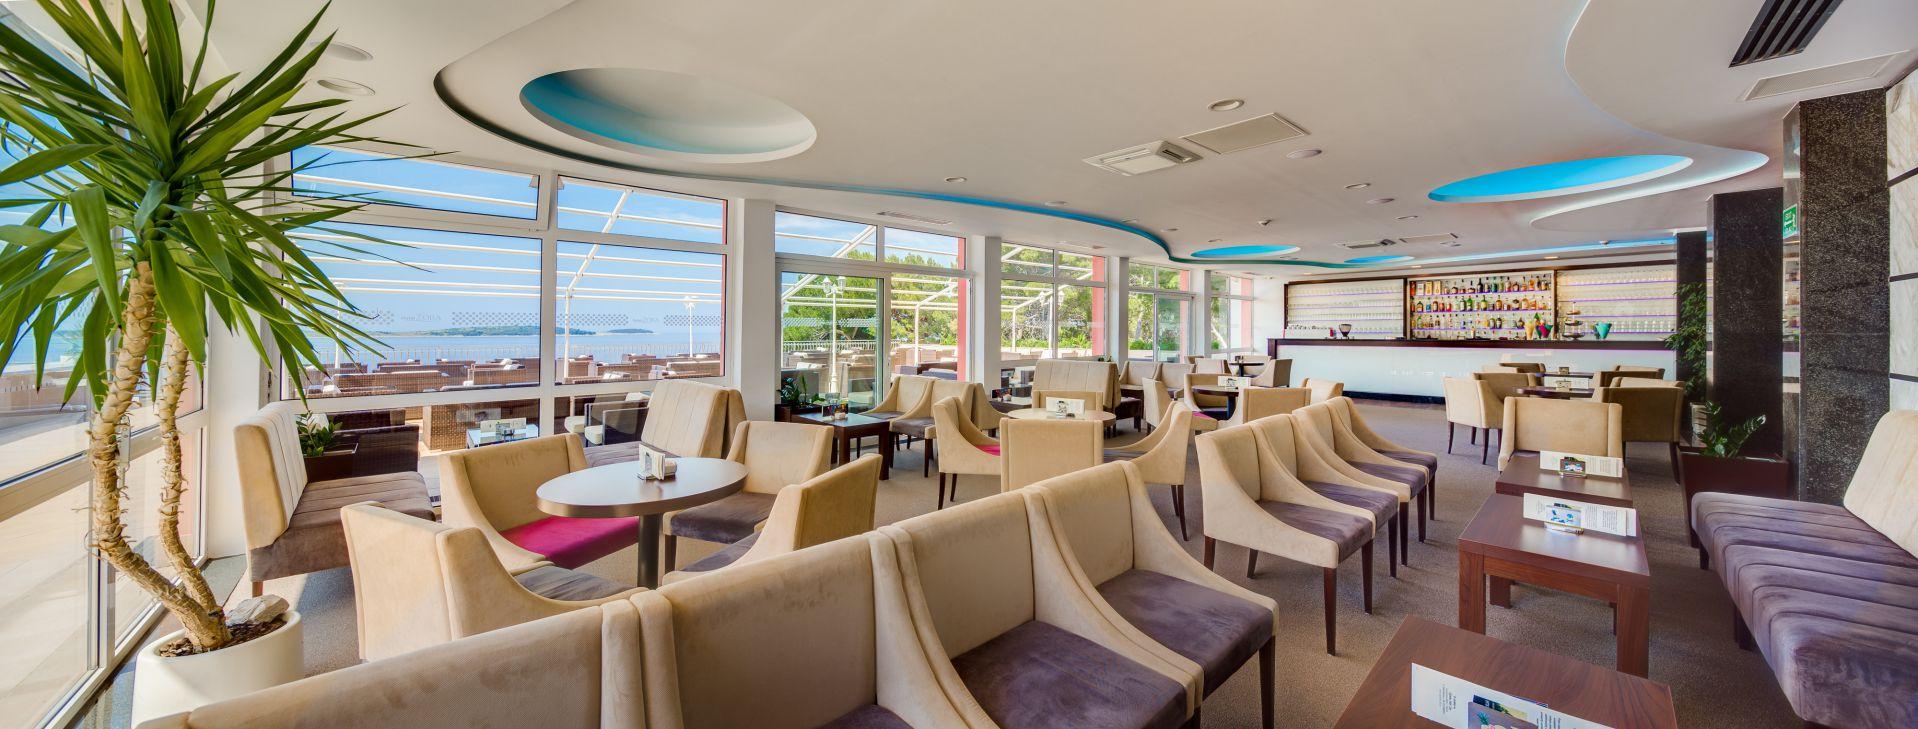 aperitif bar 01 14822635271 o - Zora Hotel